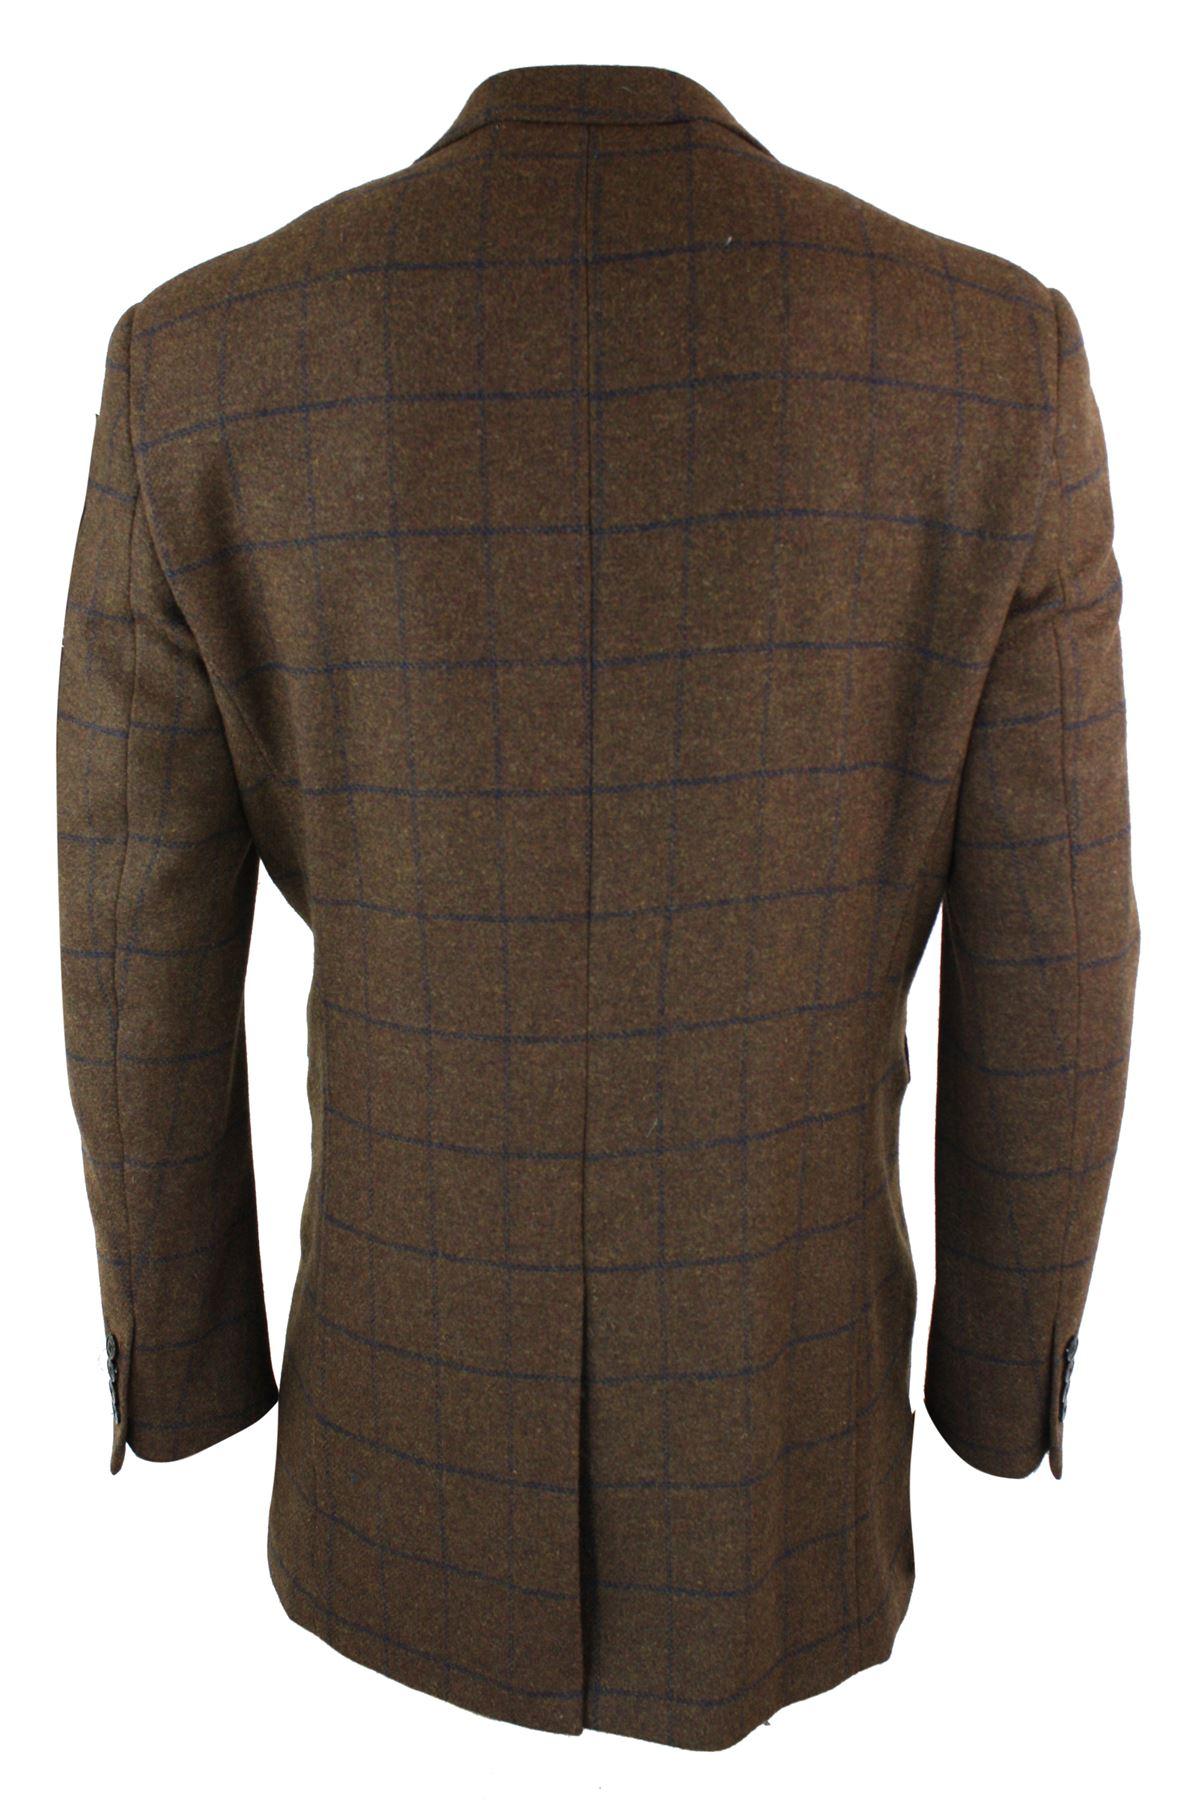 Manteau homme longueur 3//4 tweed style Peaky Blinders vintage à carreaux